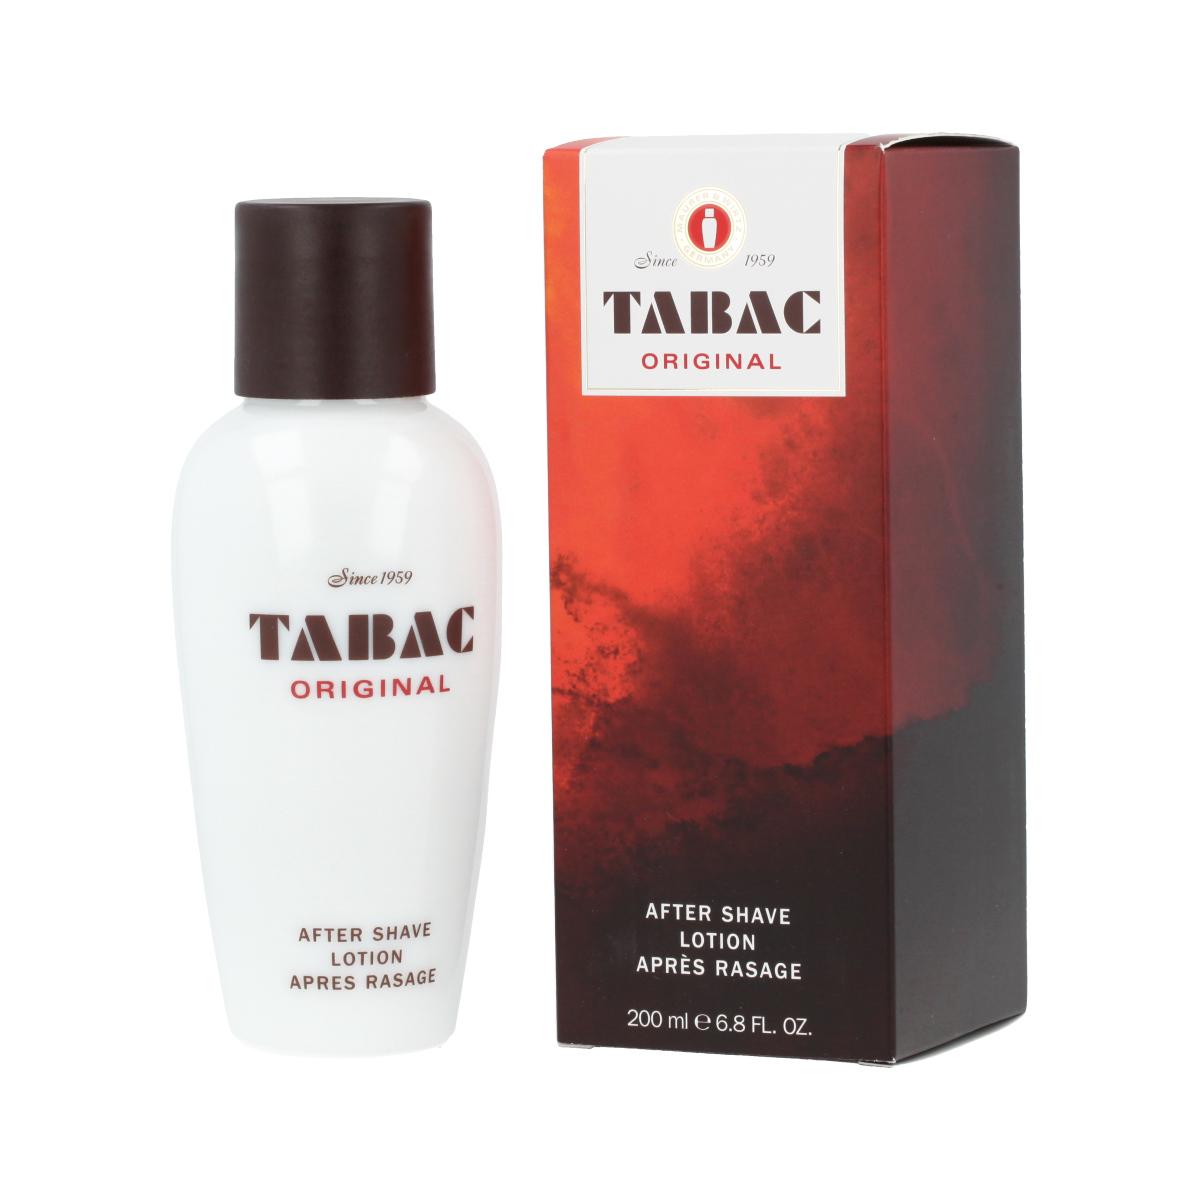 Tabac Original After Shave Lotion 200 ml | Herrenpflege ...